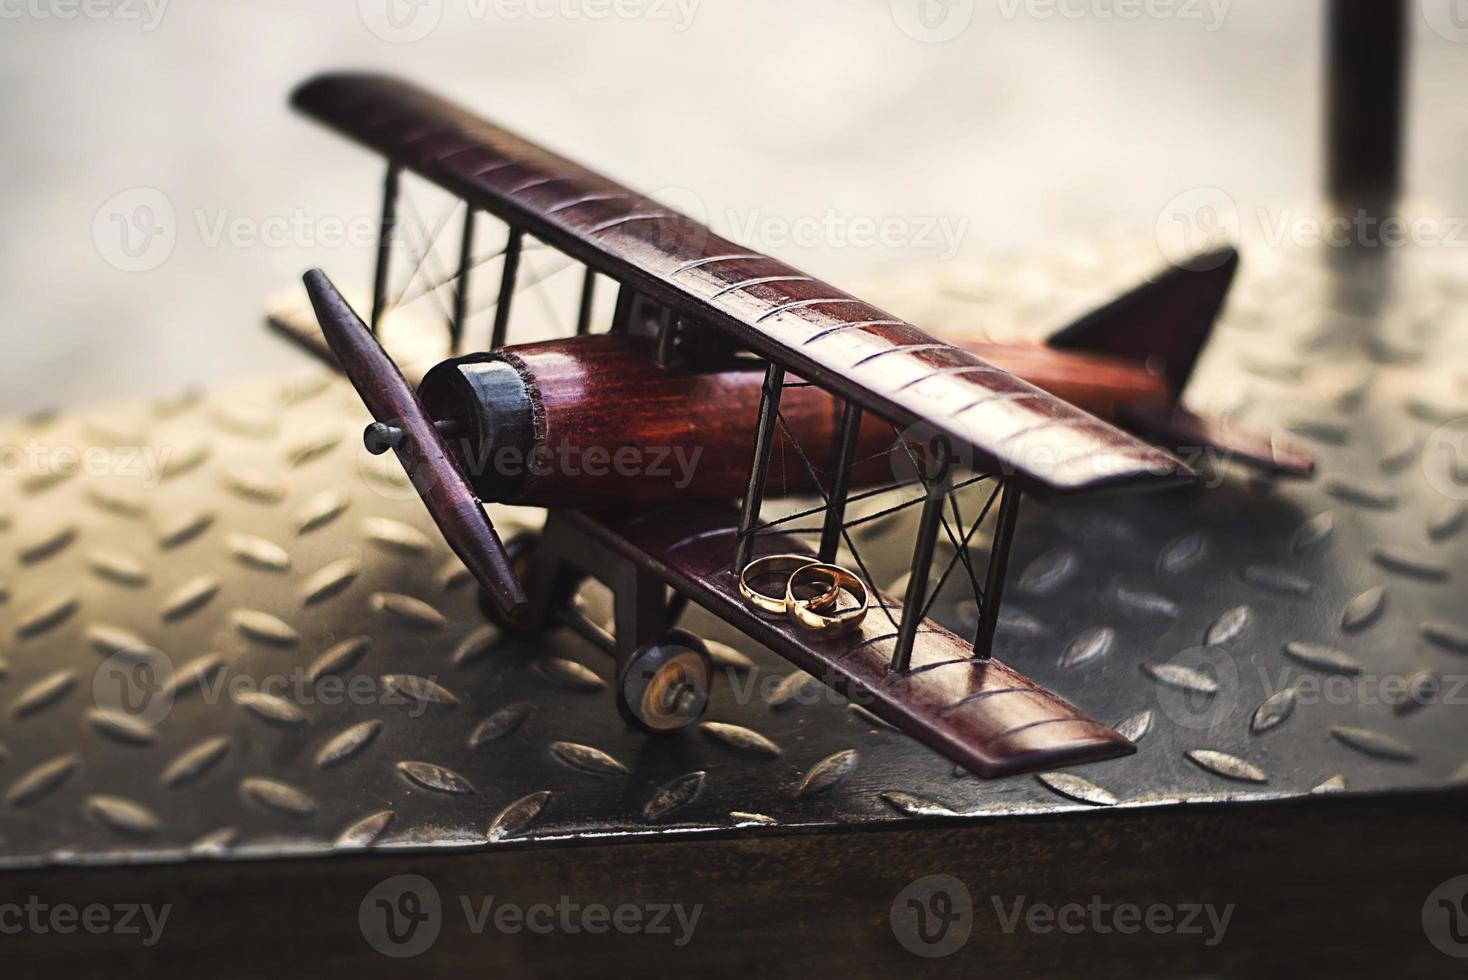 vigselringar på vingleksakflygplanet foto